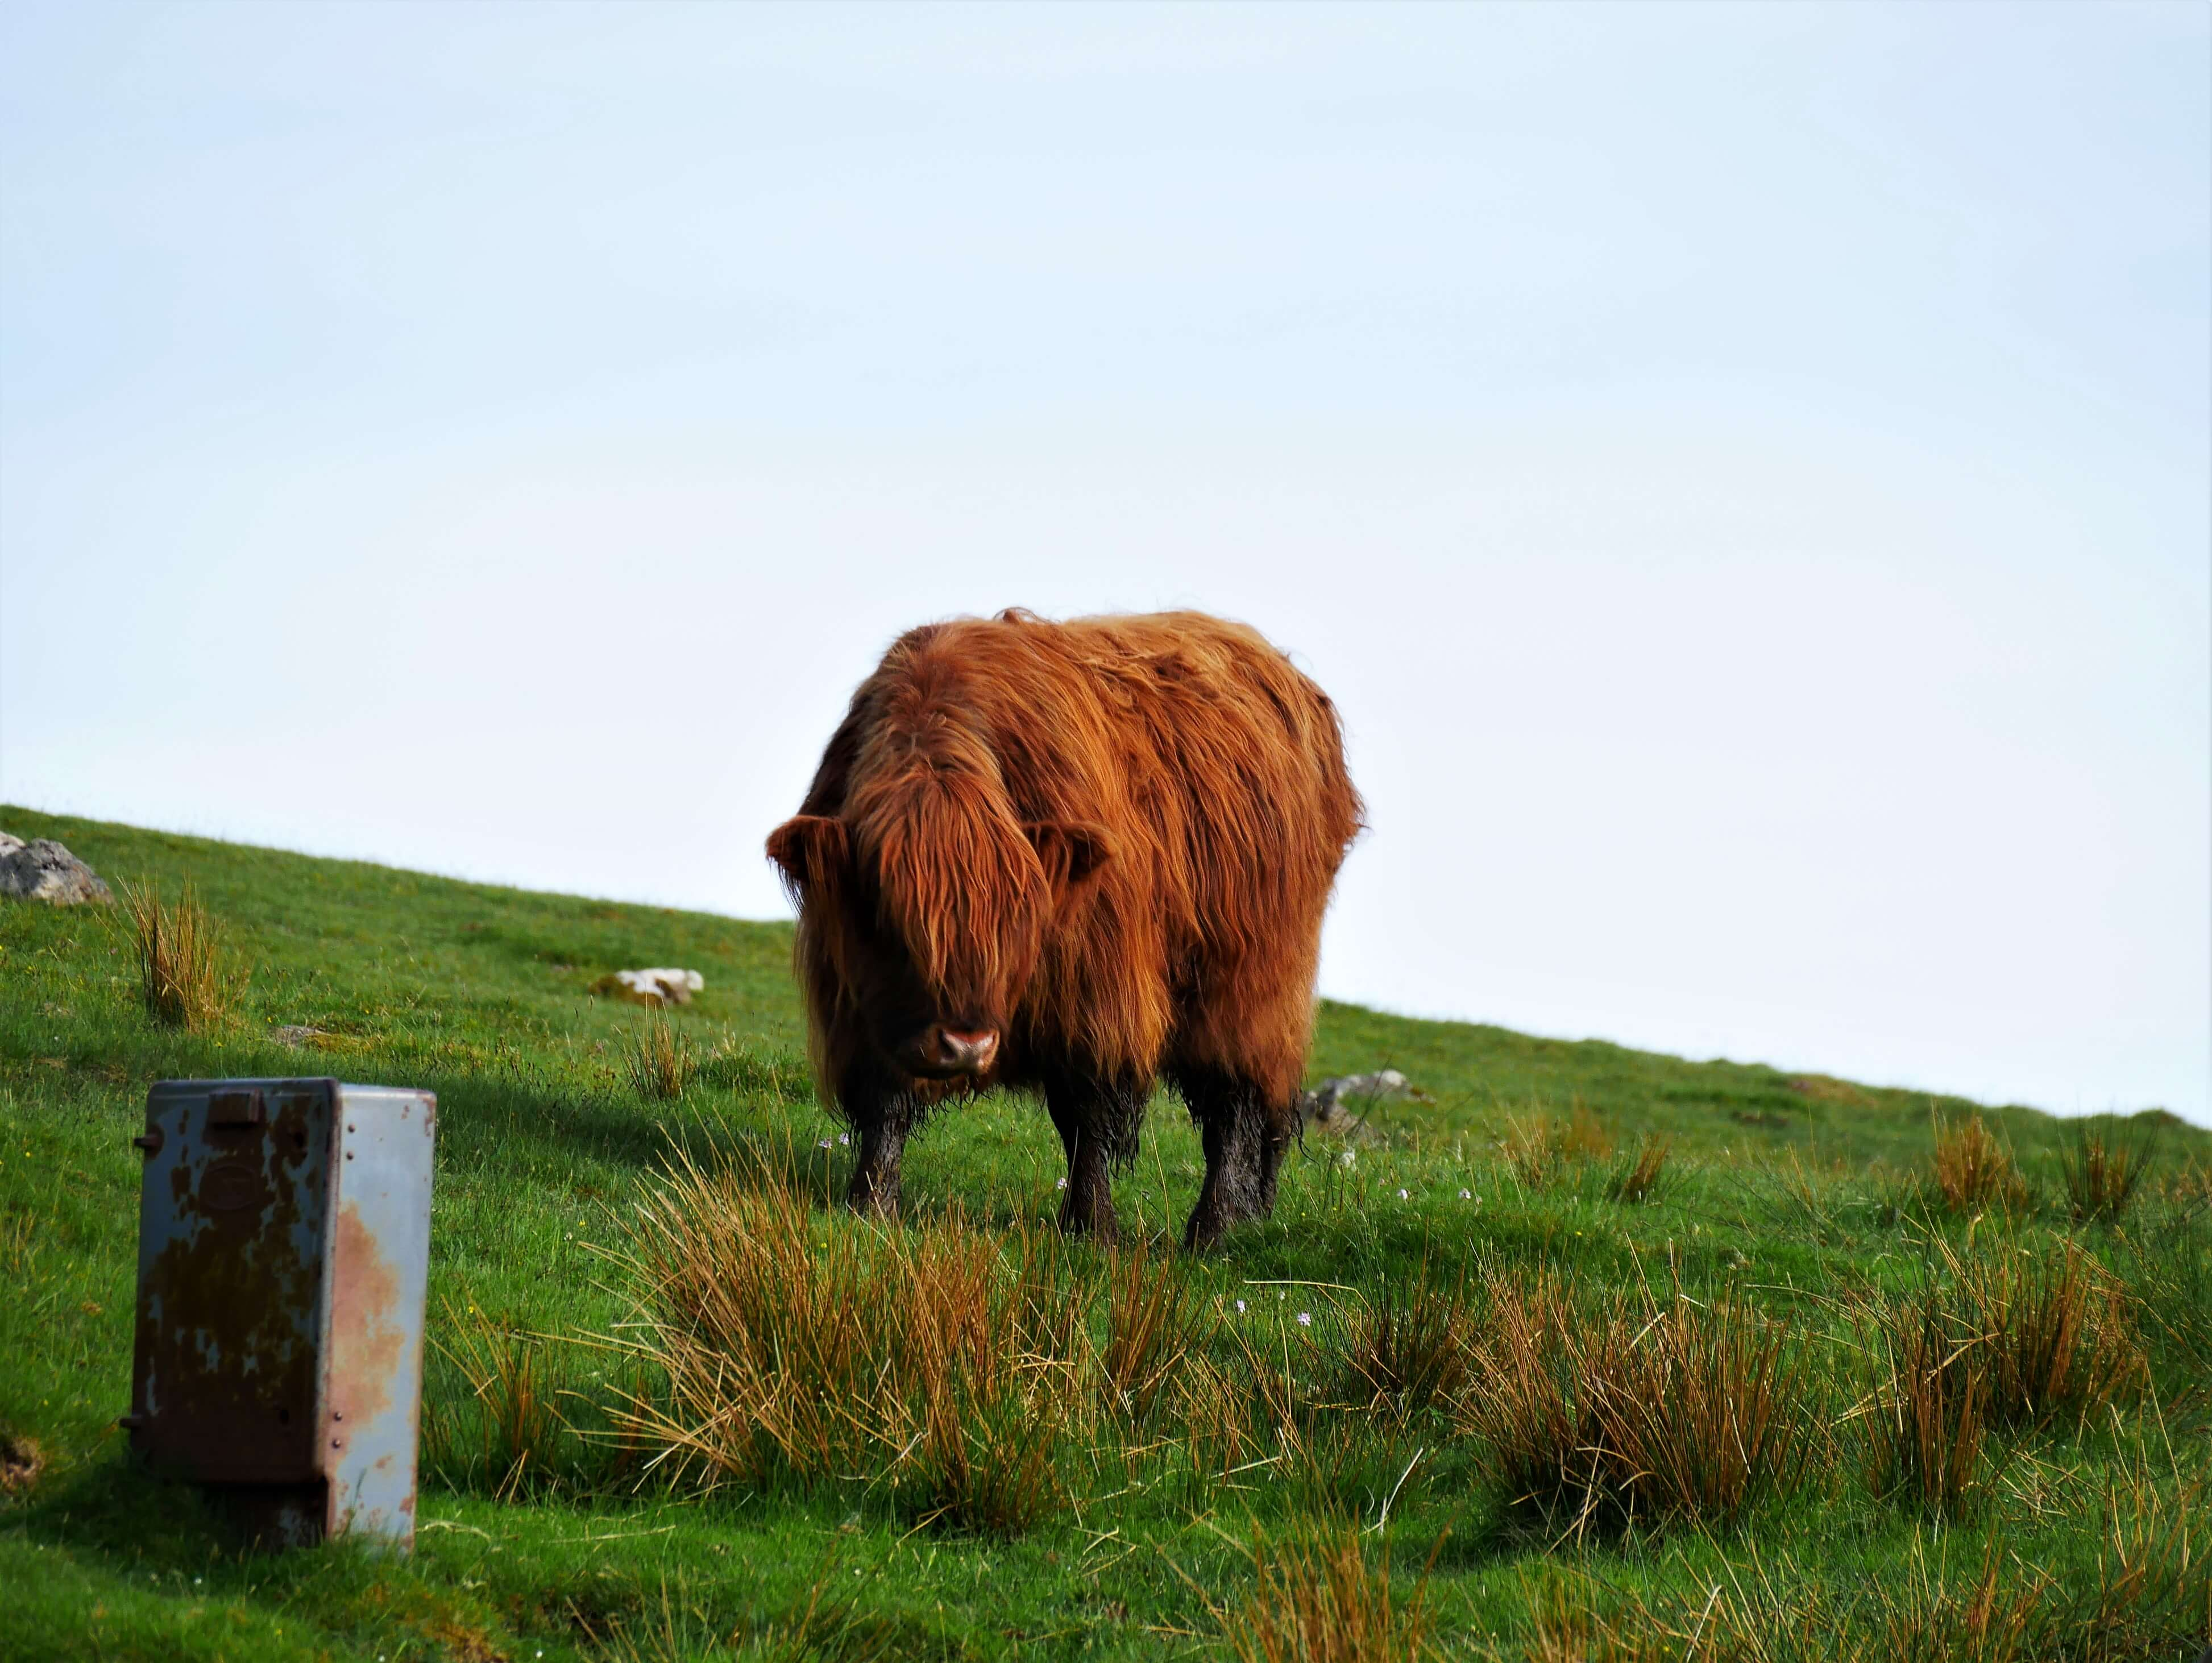 Arrêter son road trip en Ecosse pour photographier une vache